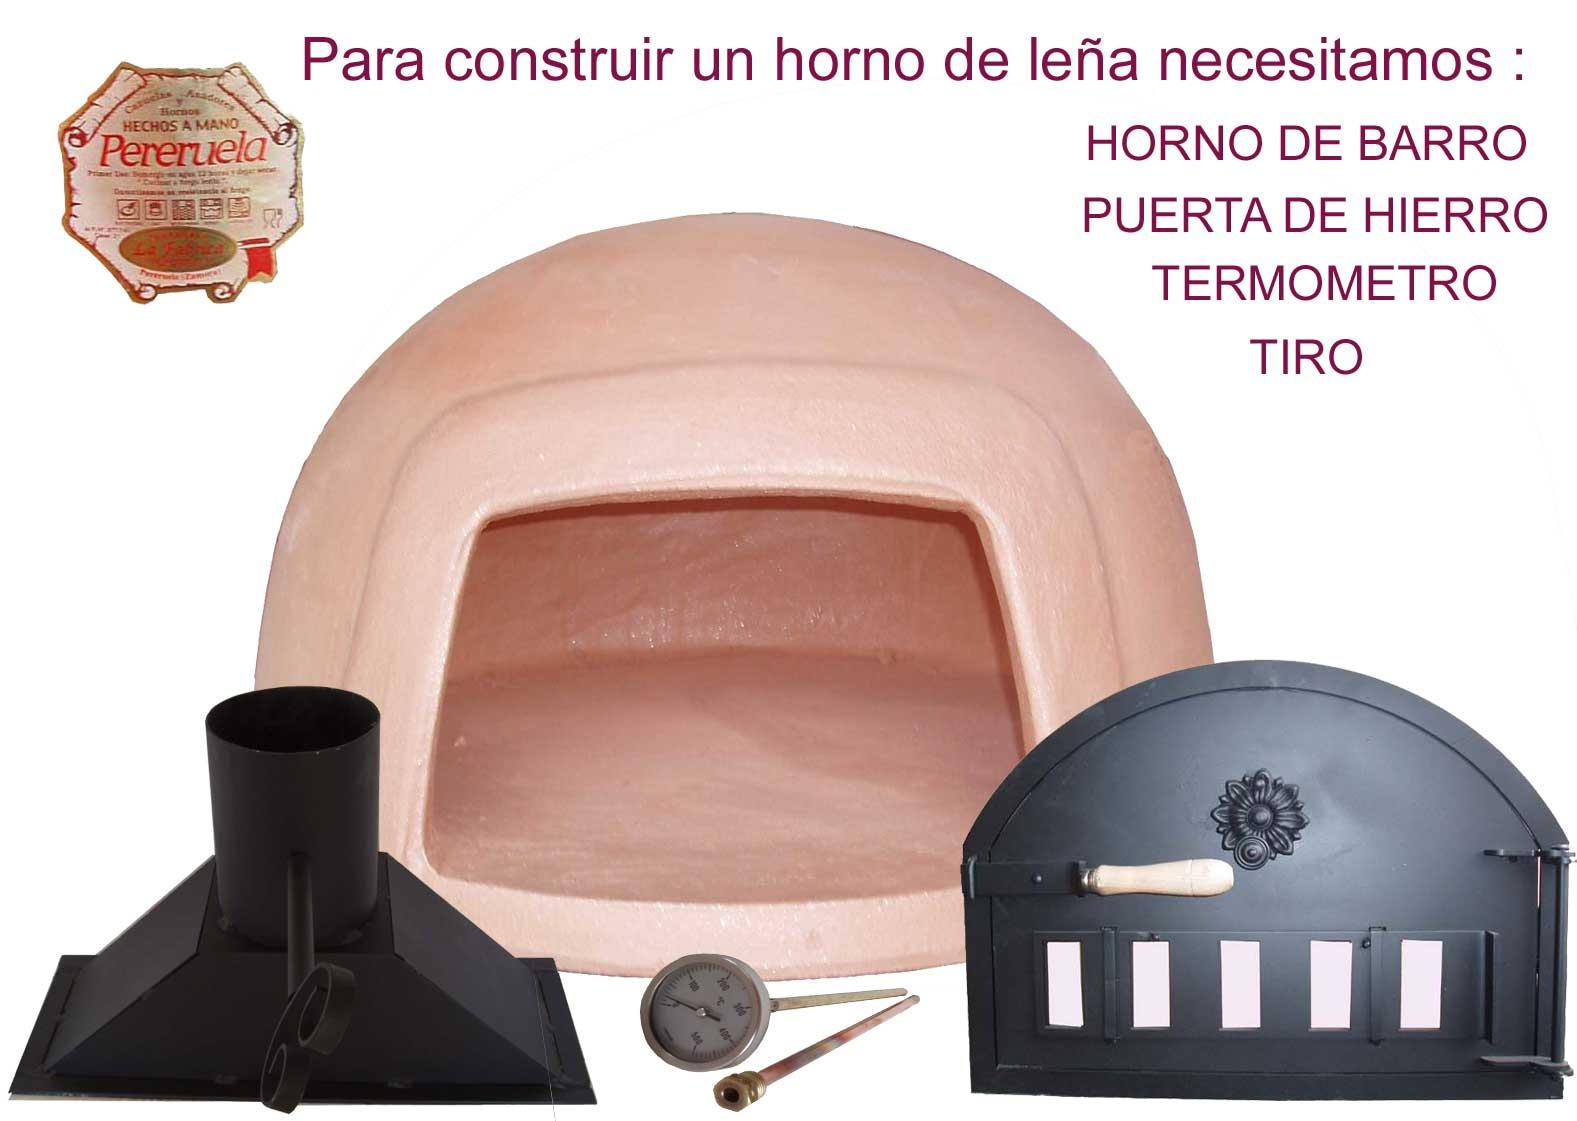 Hornos de le a pereruela construcci n de un horno - Construccion de un horno de lena ...